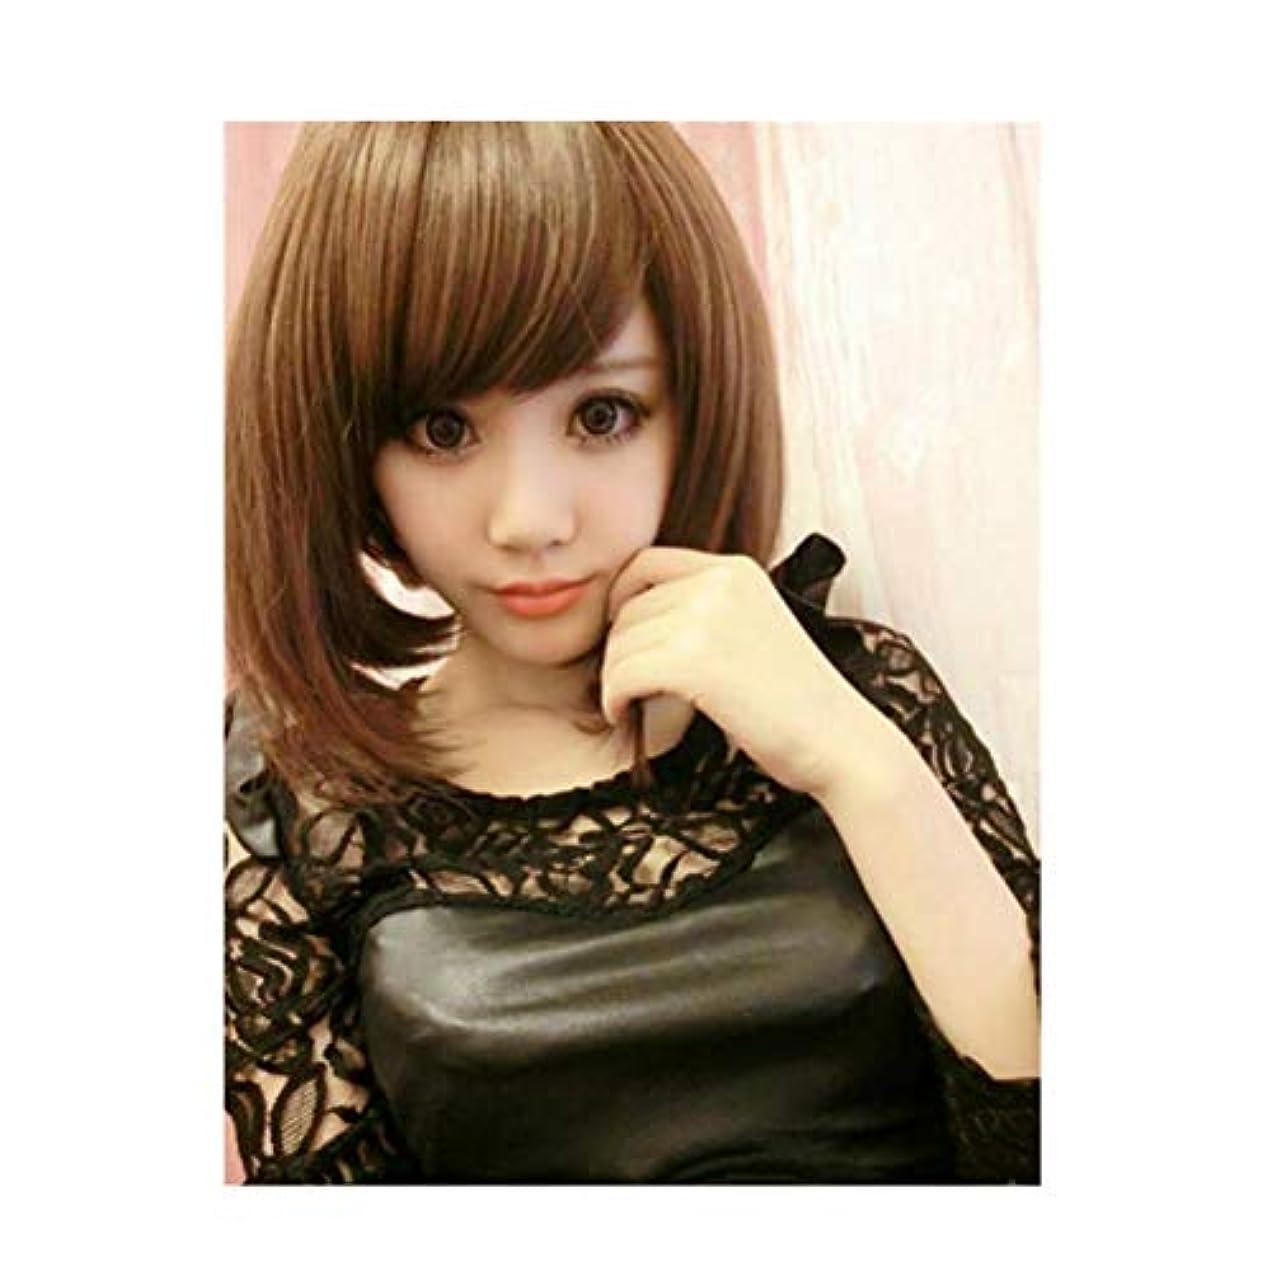 影自分のテーブルを設定するかつら女性の茶色の斜め前髪化学繊維ショートヘア高温ワイヤーLH2201 (ライトブラウン)